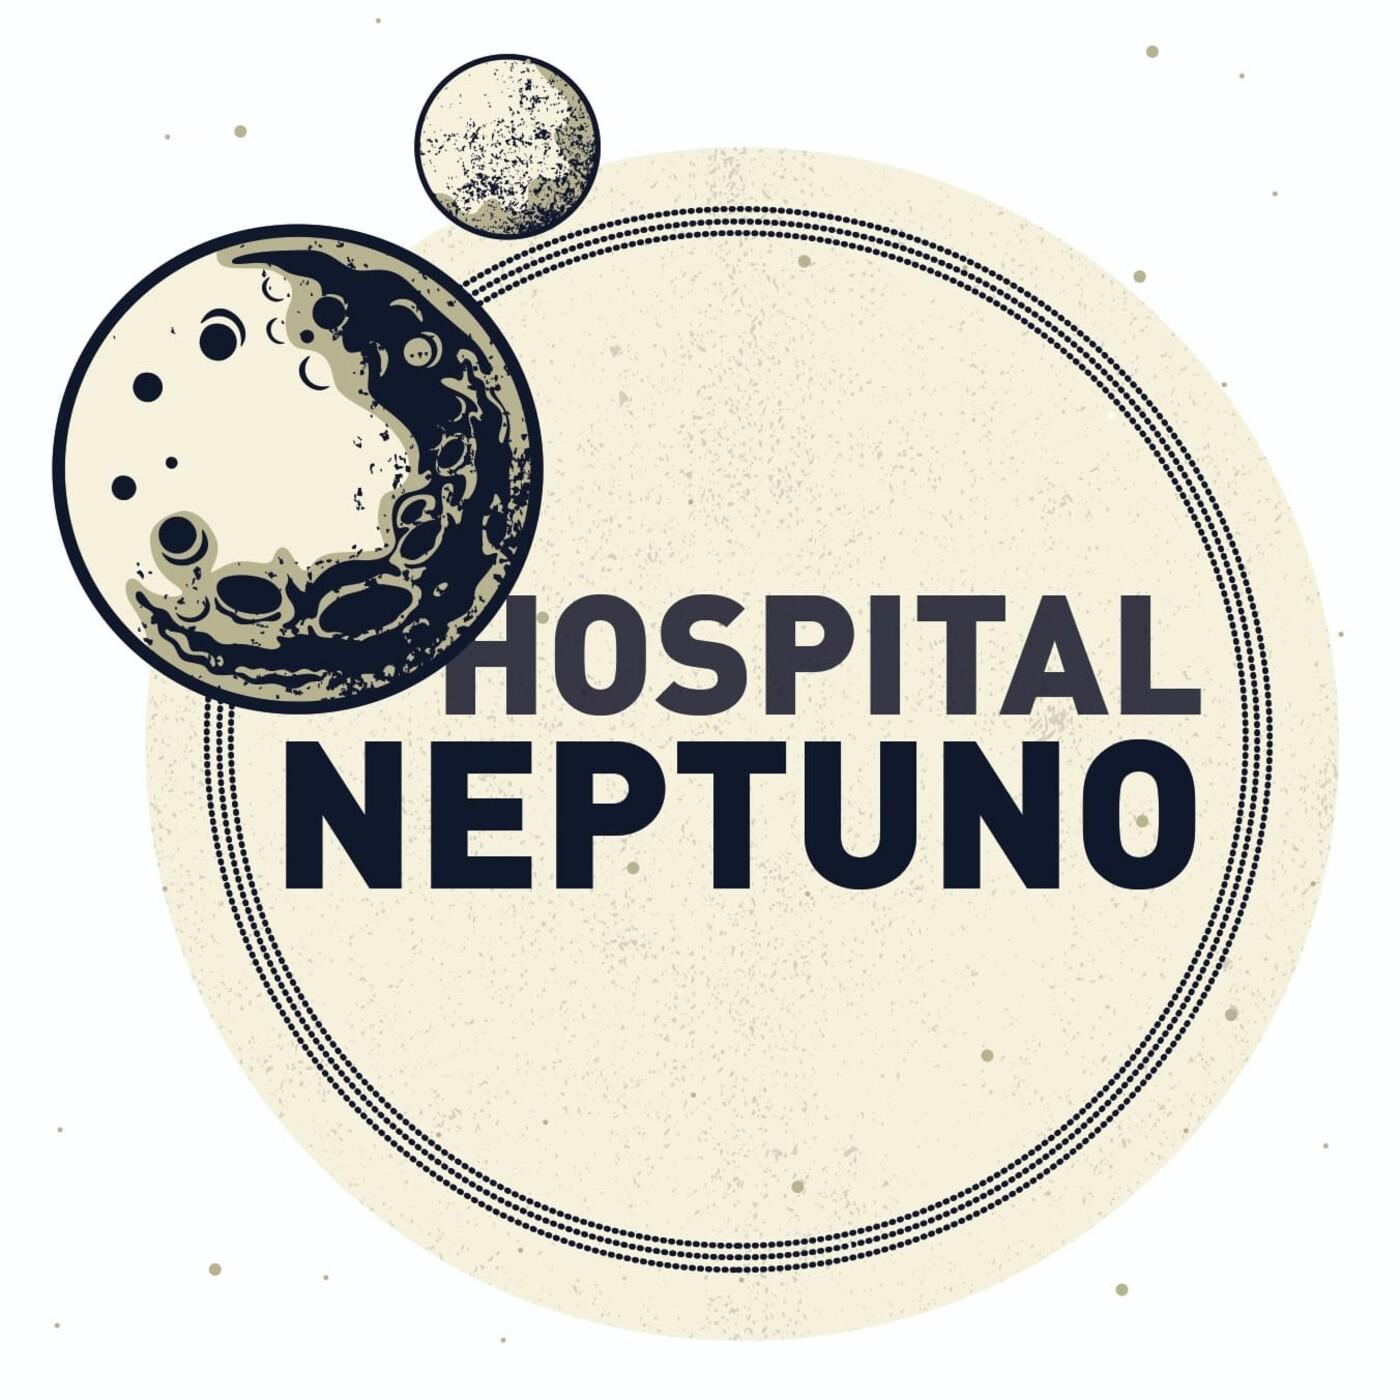 HN-T5 - 306 - Los diez primeros números 1 de las Listas de Destacados de Hospital Neptuno